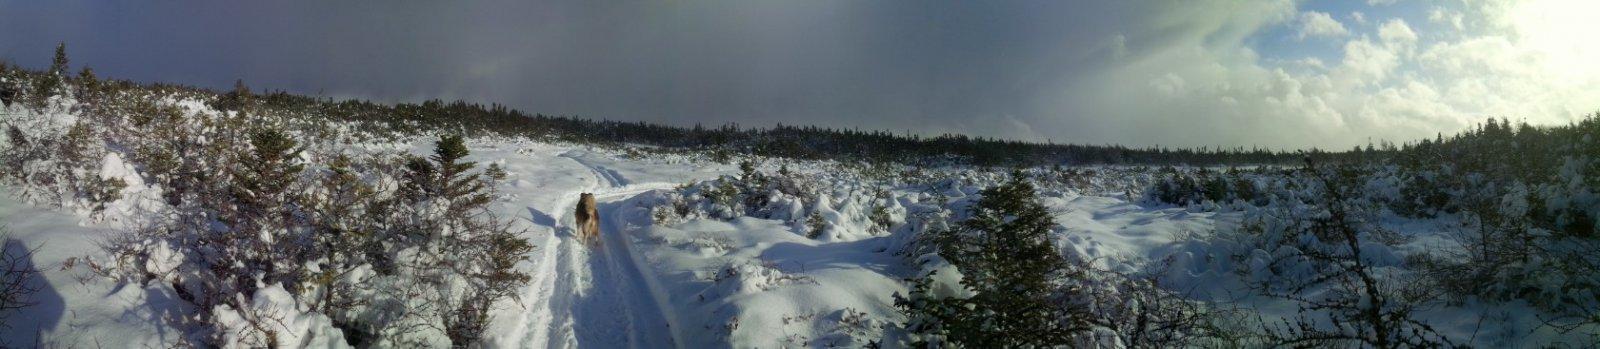 Bog_after_snow_storm.jpg